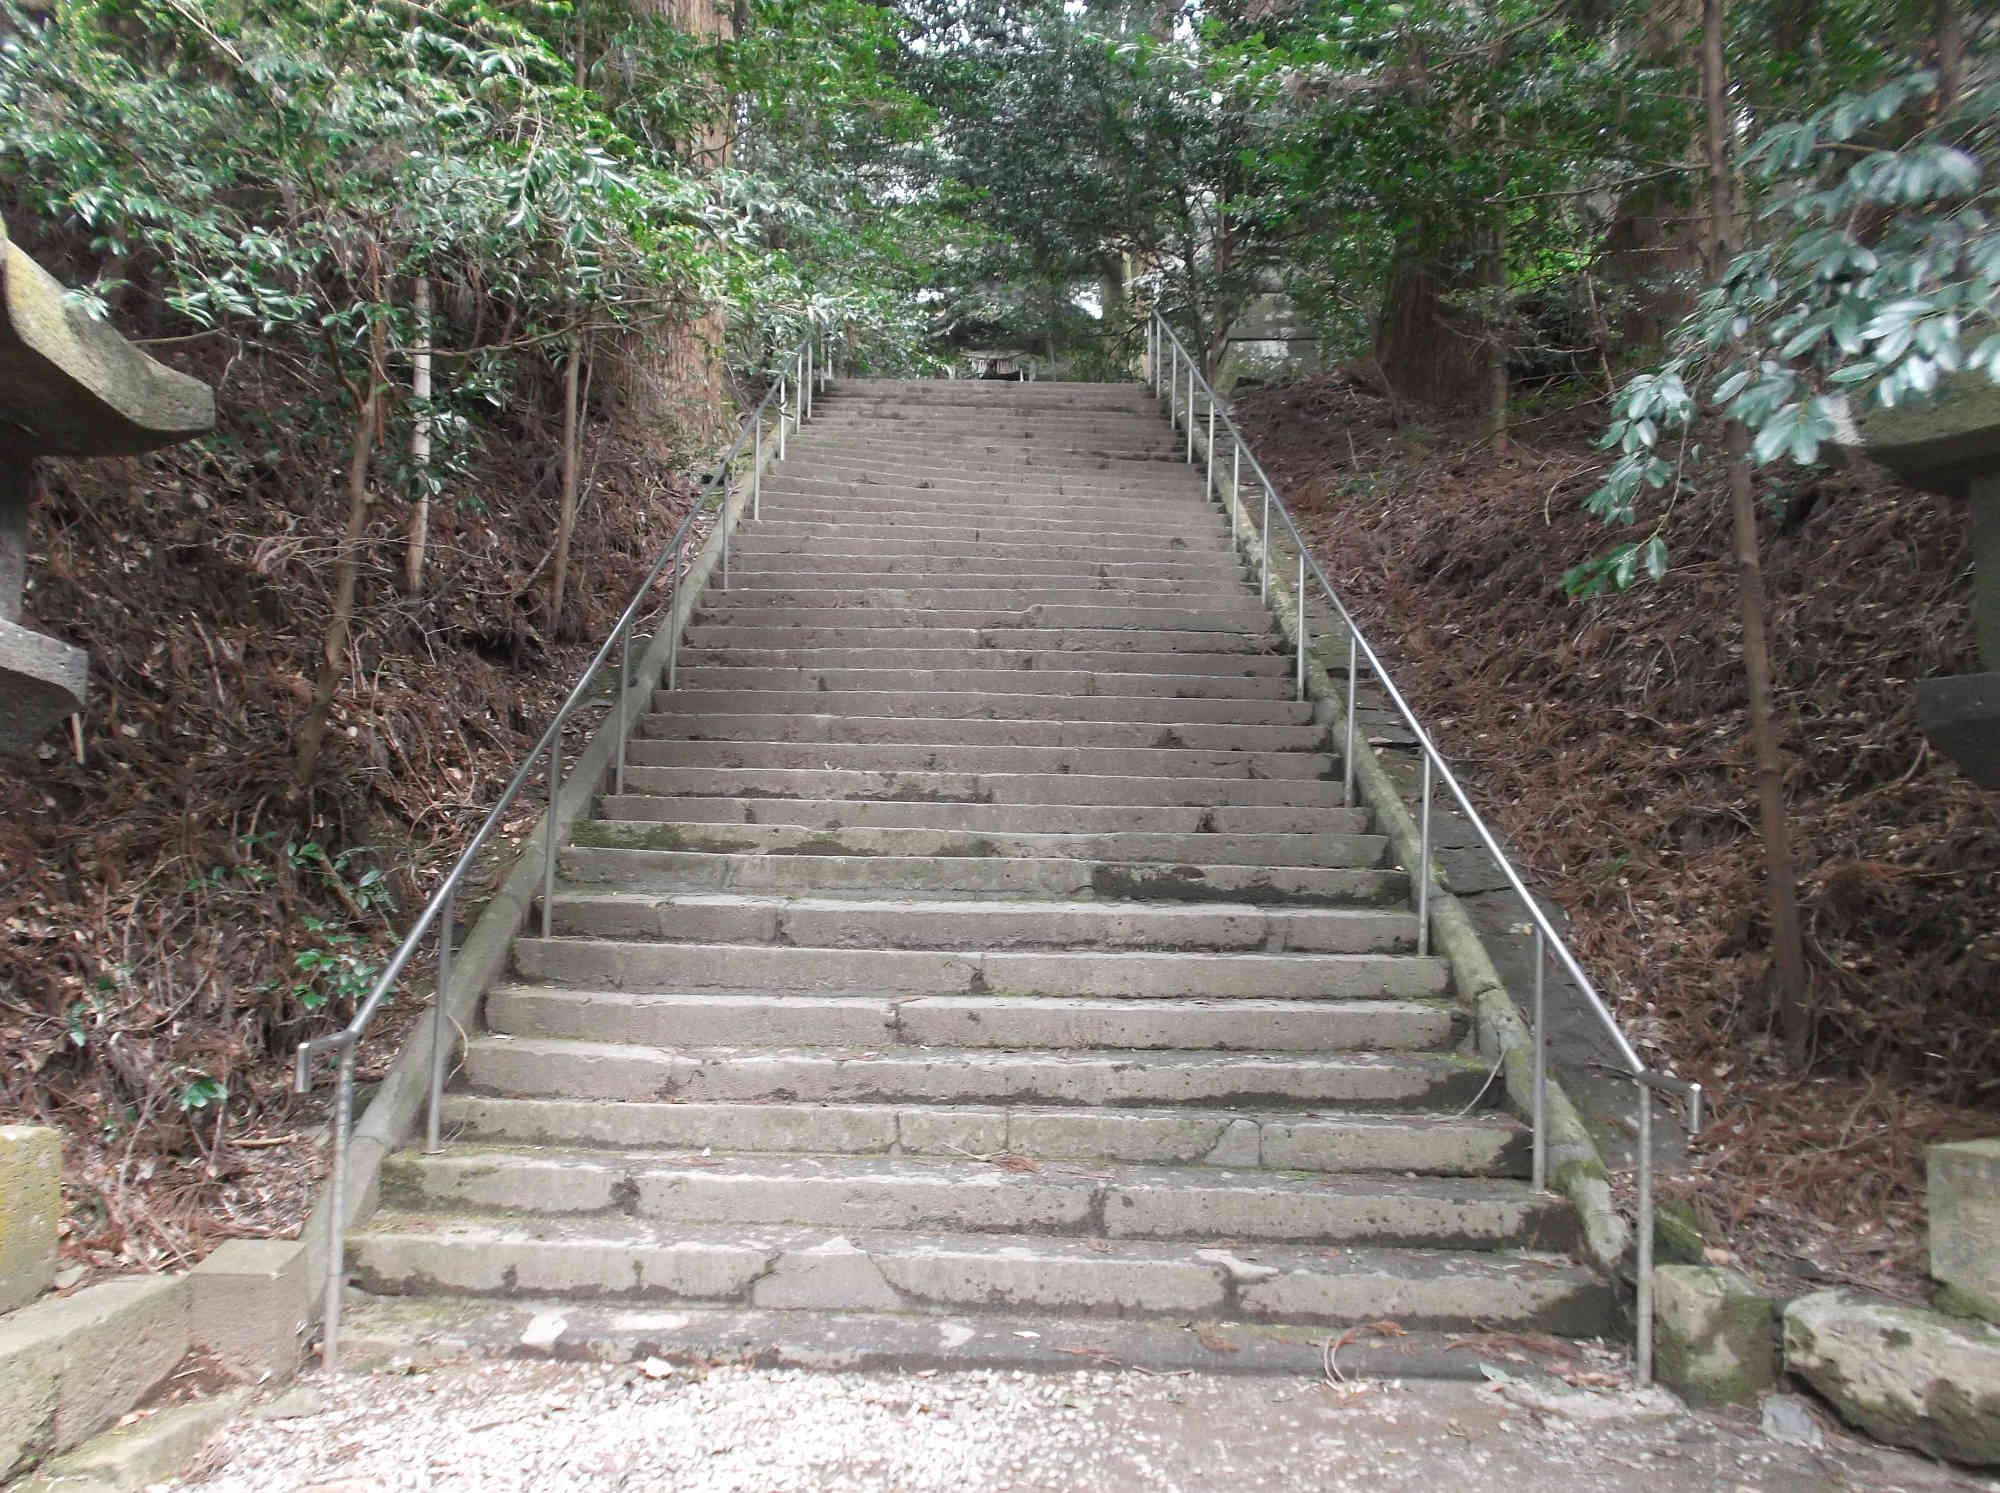 槵触神社 拝殿前の階段